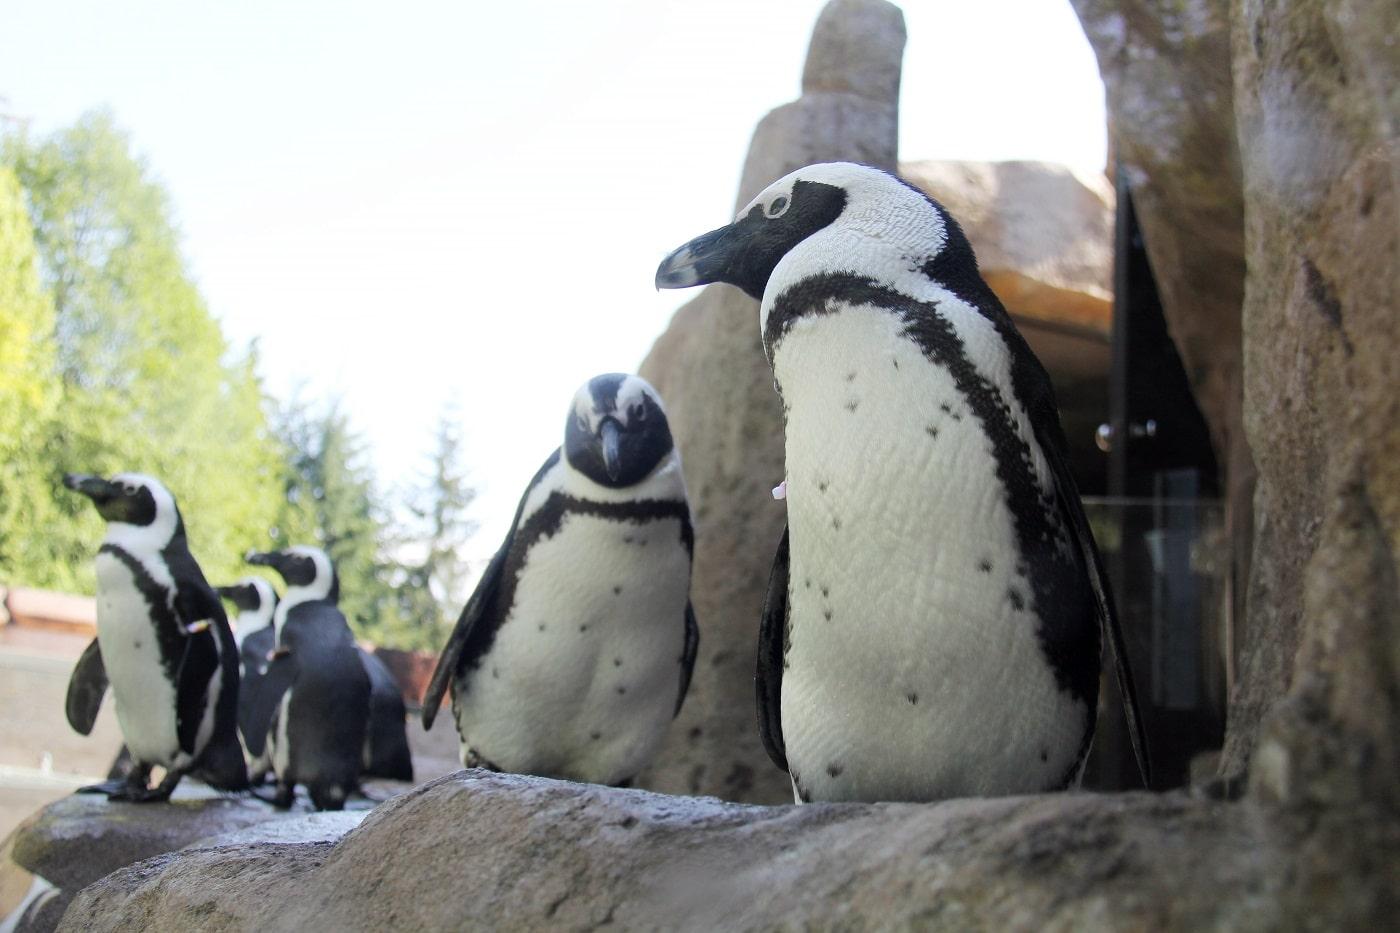 Pinguini la Acvariul din Stanley Park, Vancouver